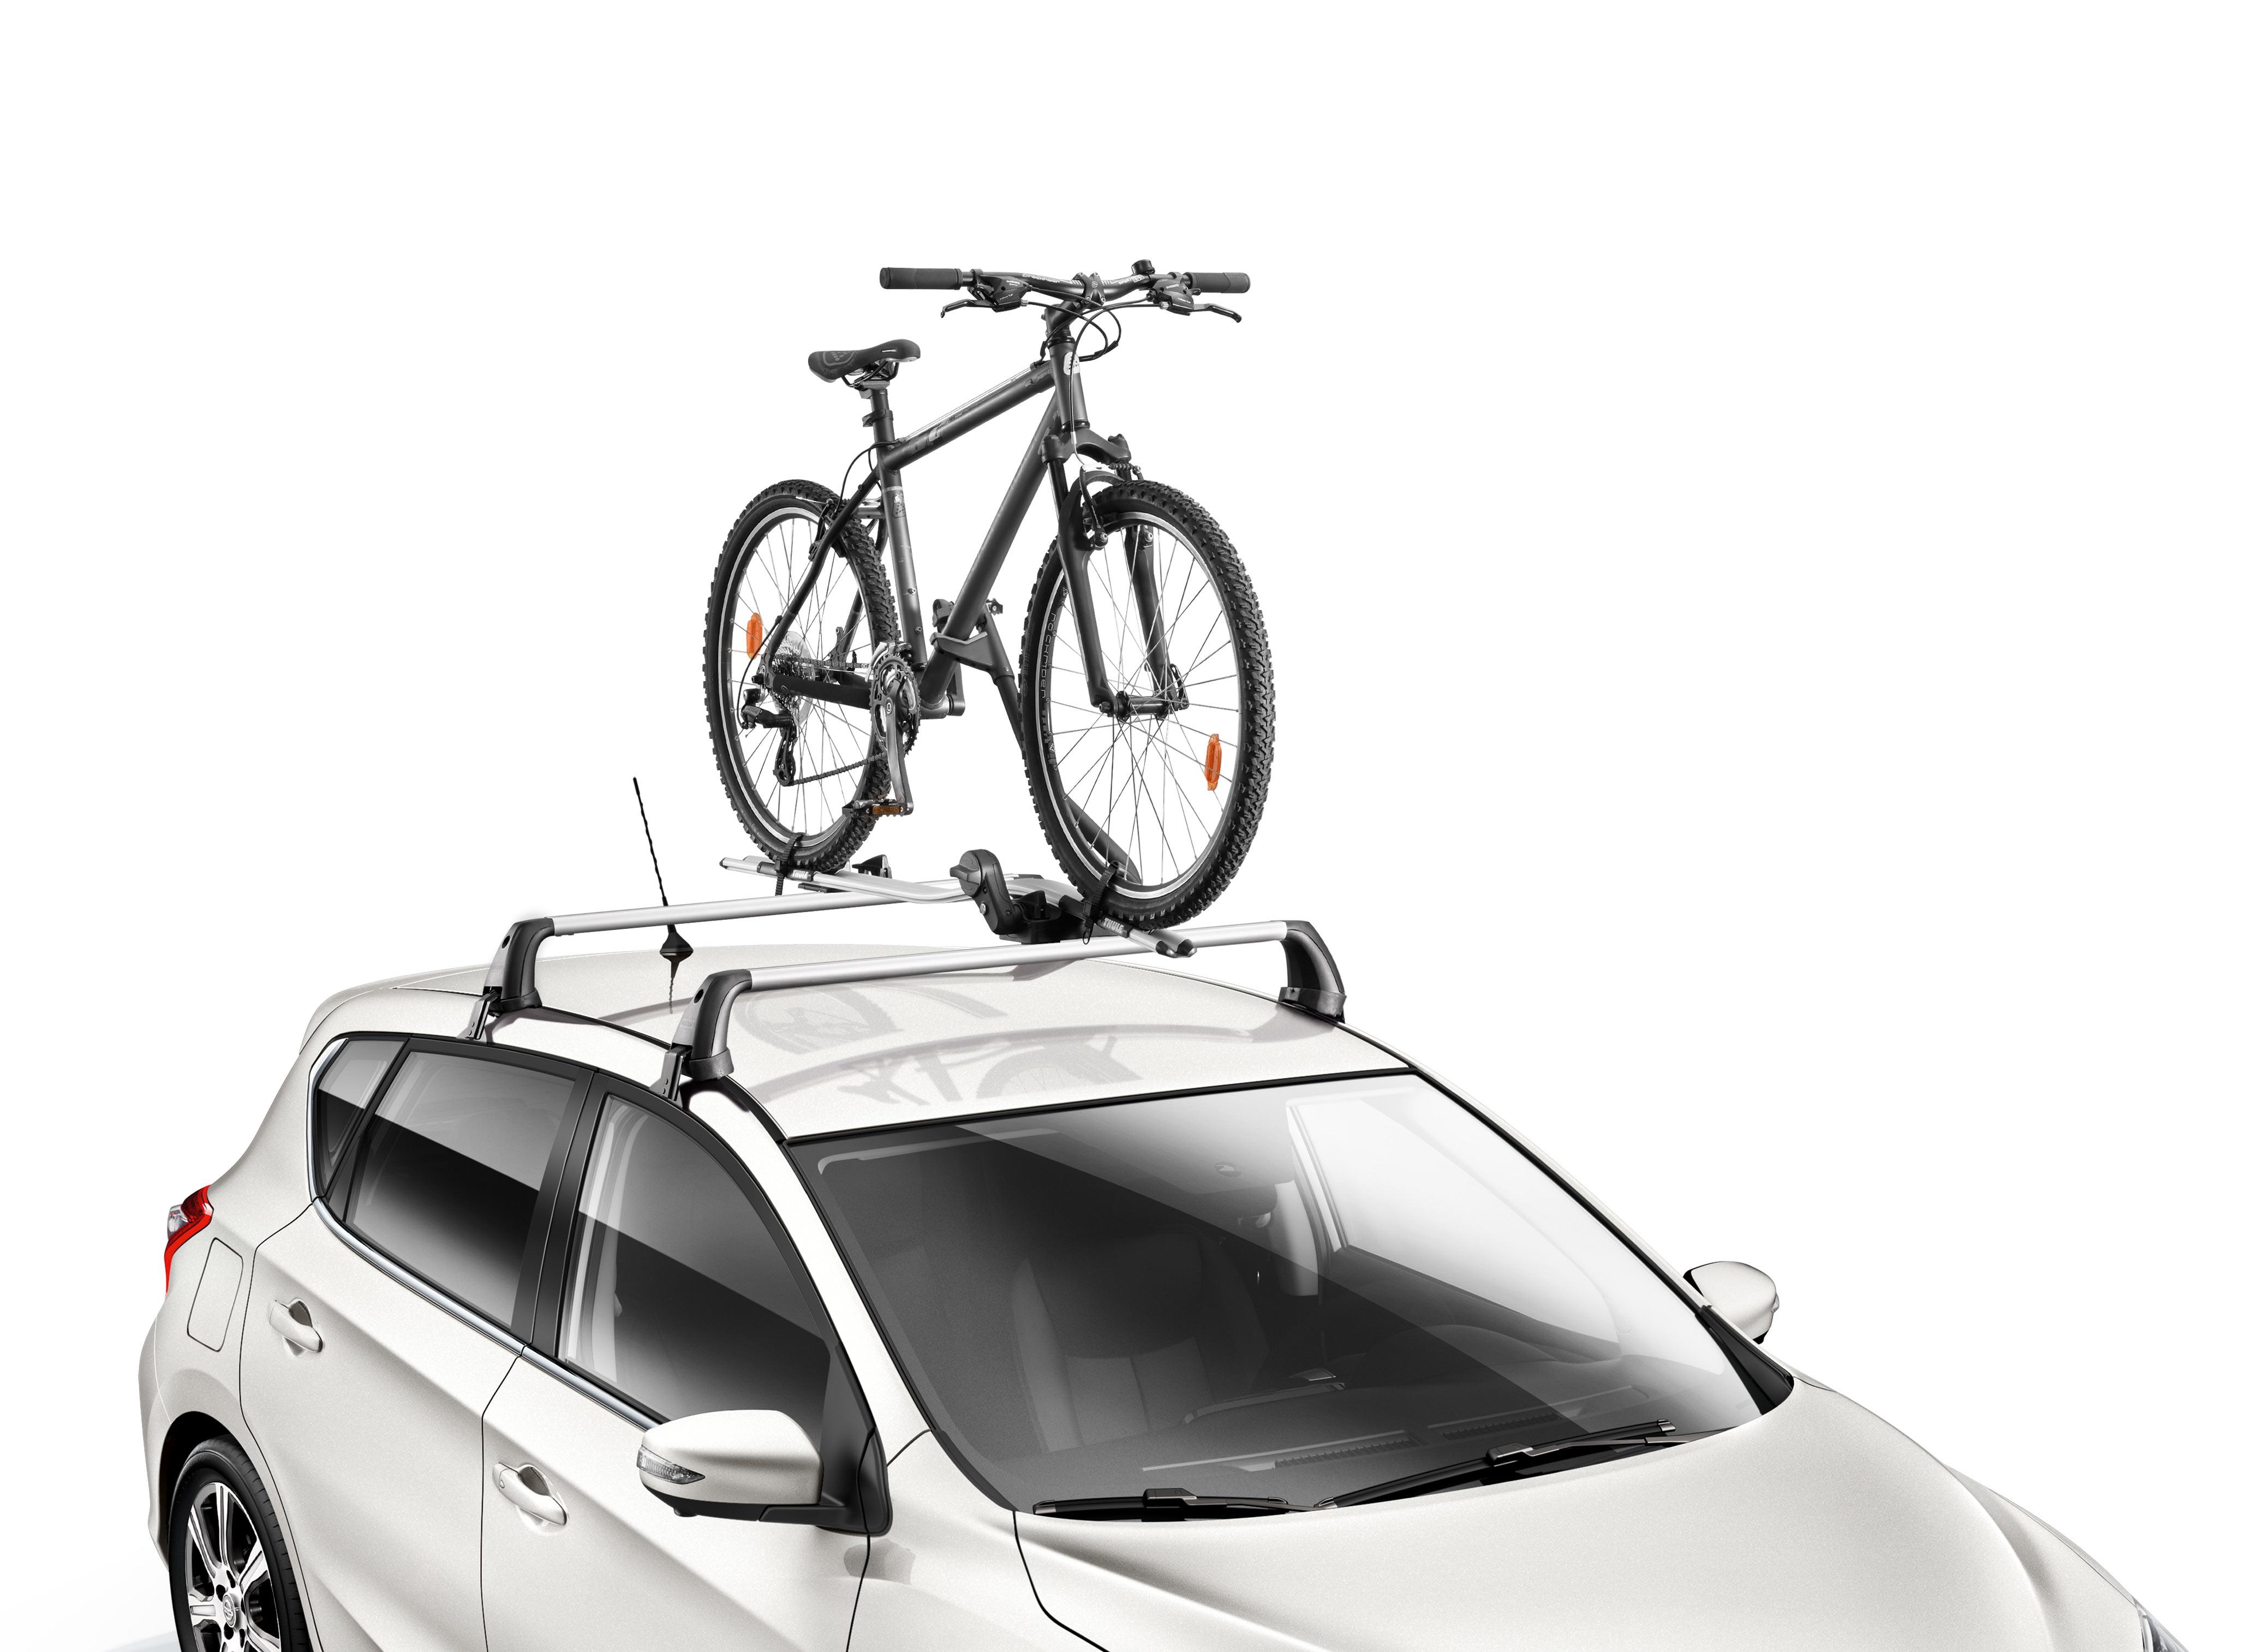 Hangon velosipēdu turētāju papildaprīkojums – rāmja adapteris